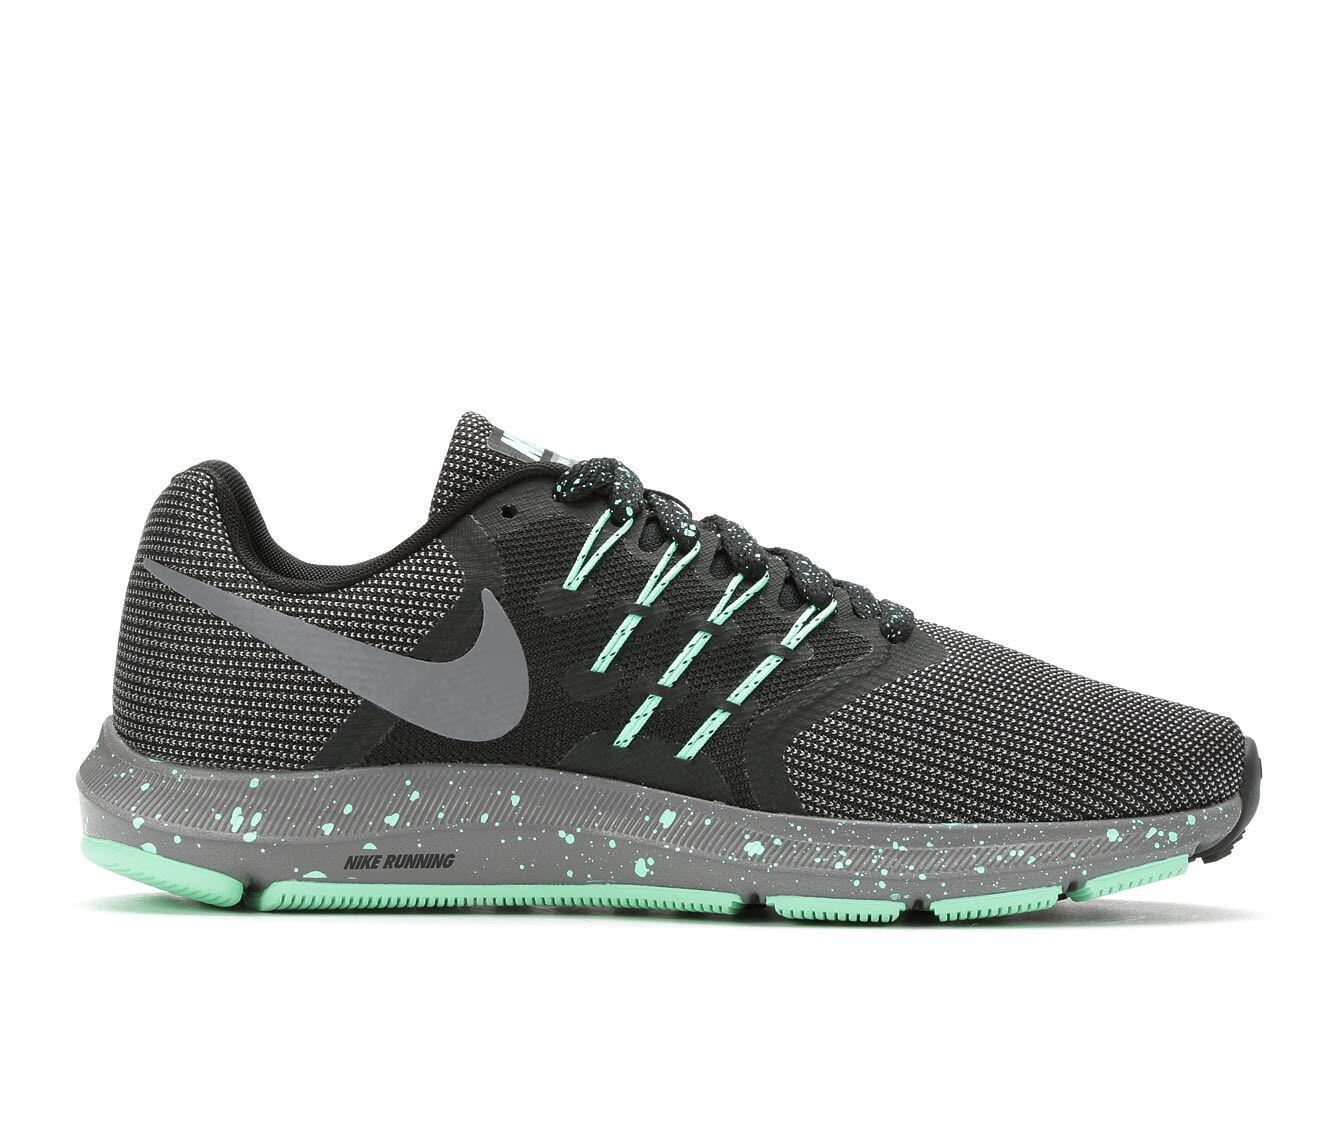 Women's Nike Run Swift SE Running Shoes Blk/Gry/Green